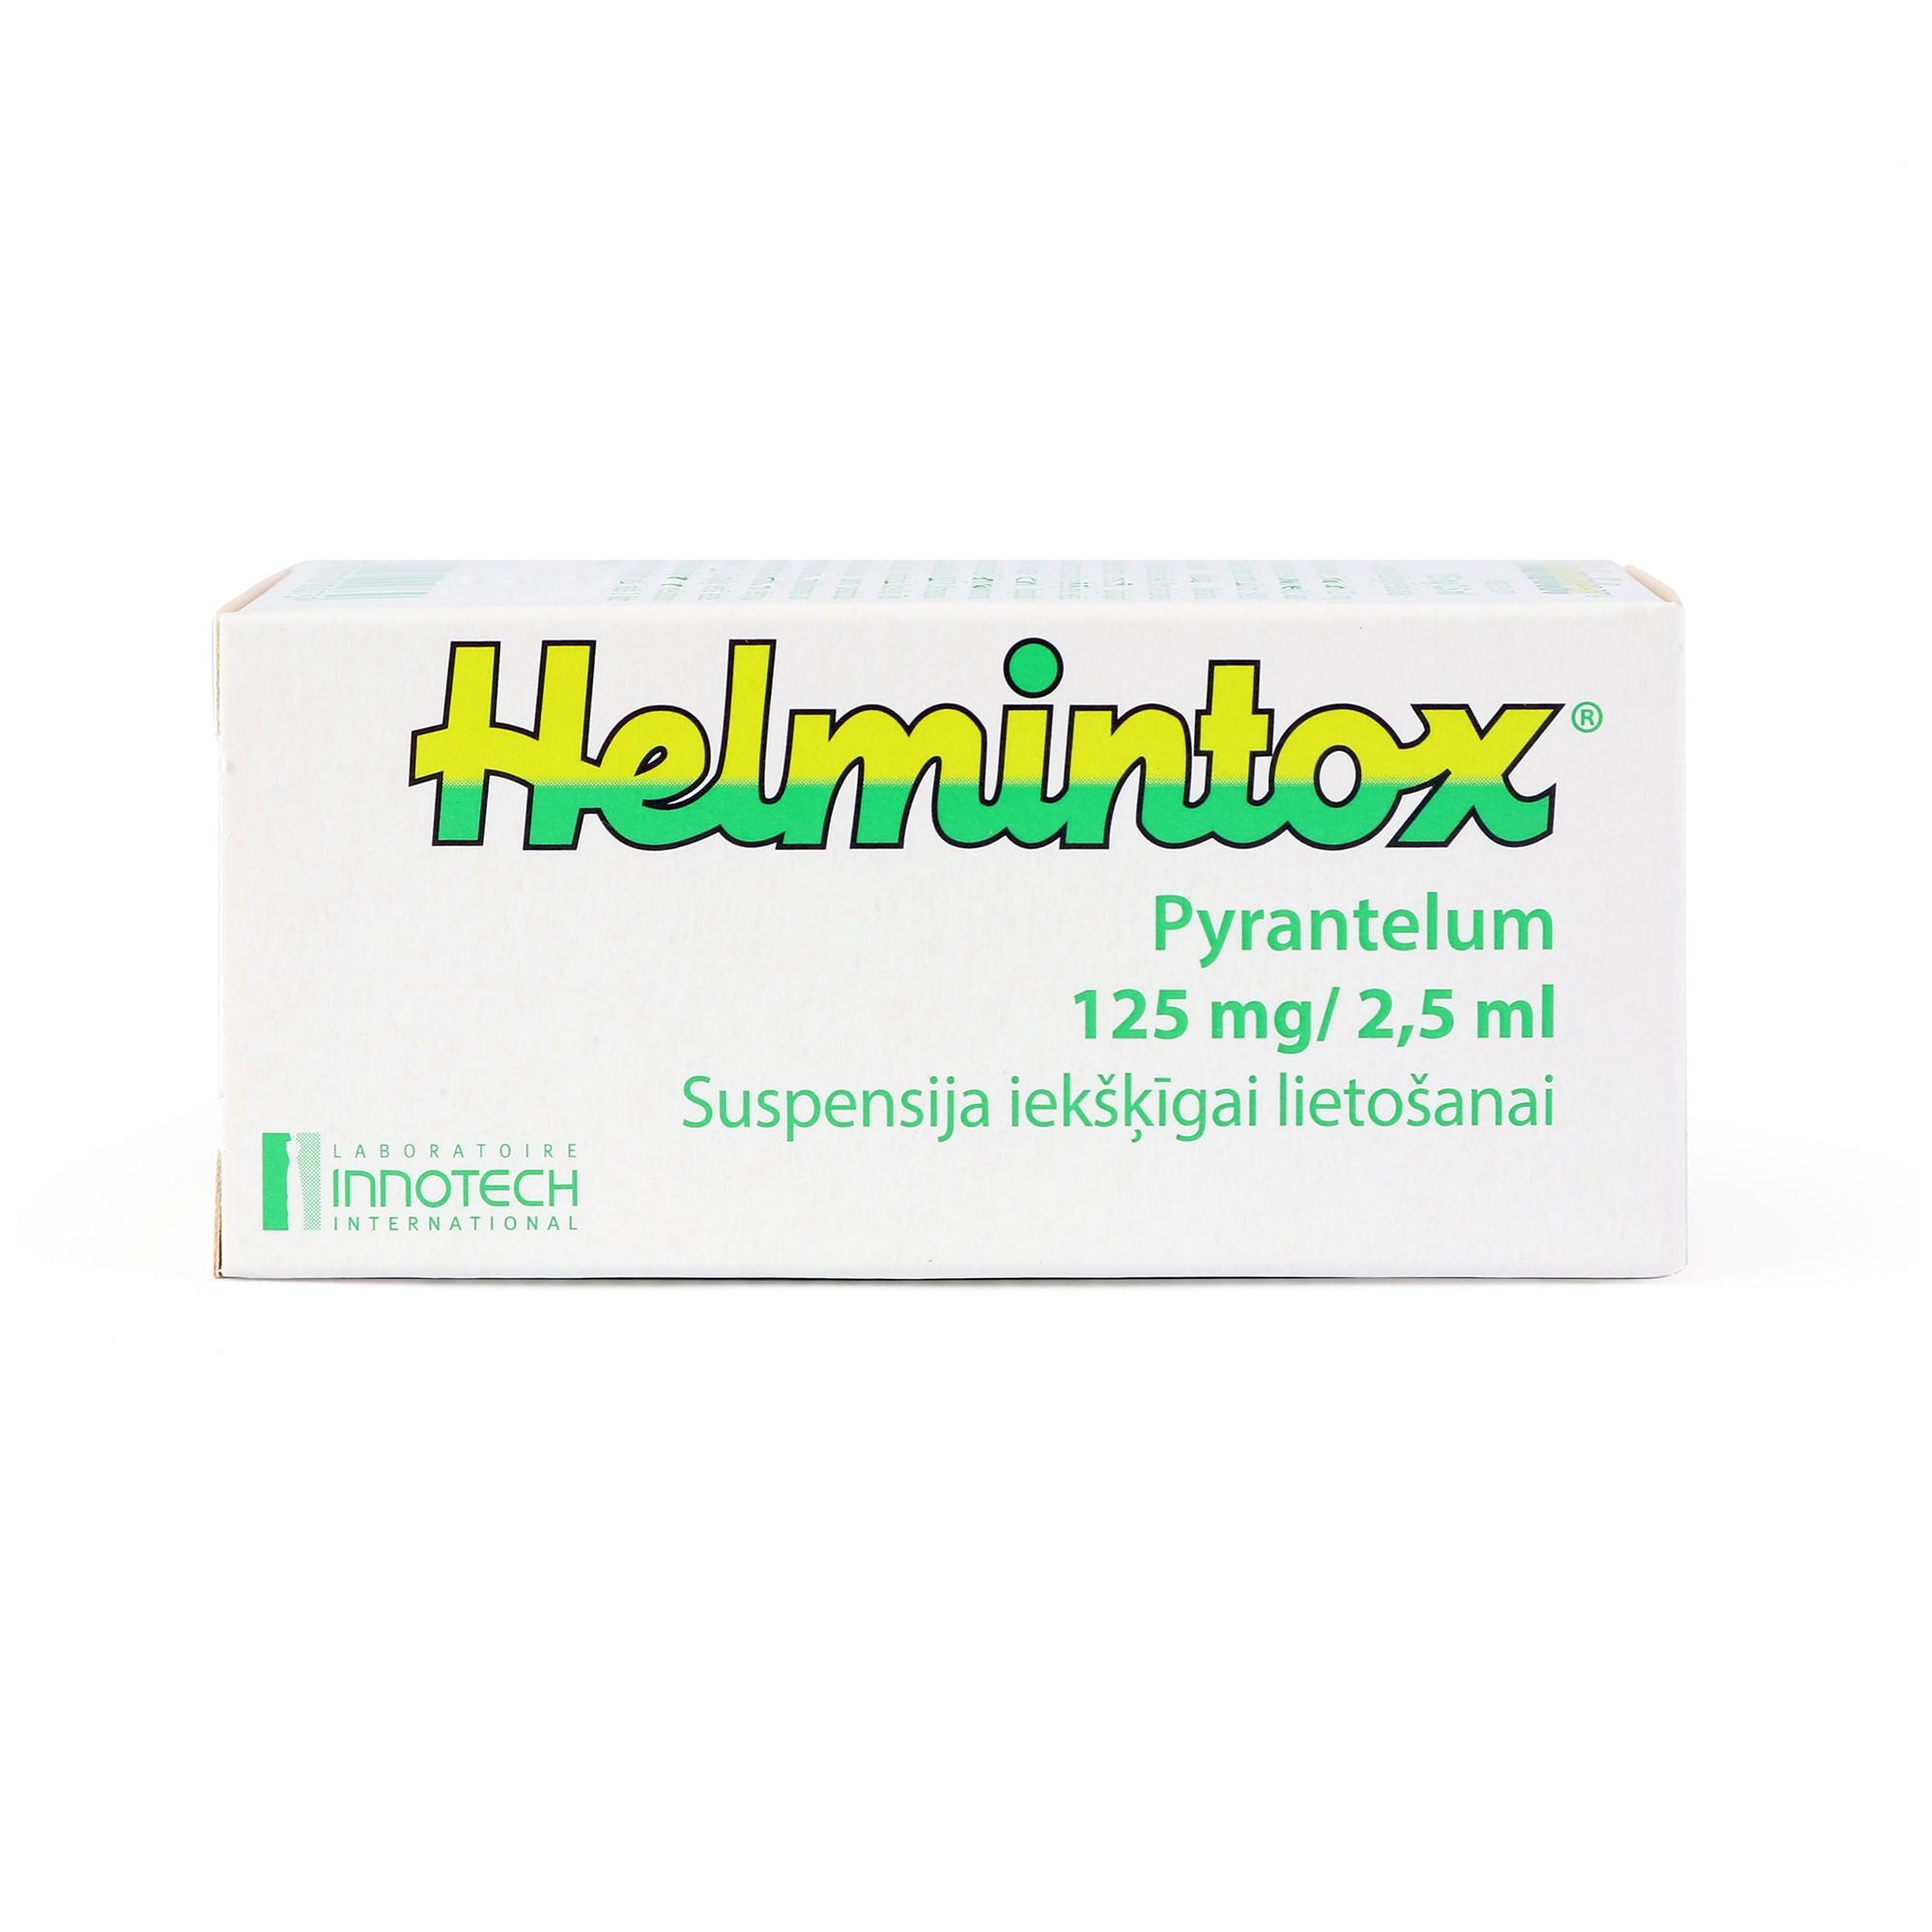 helmintox atsauksmes)